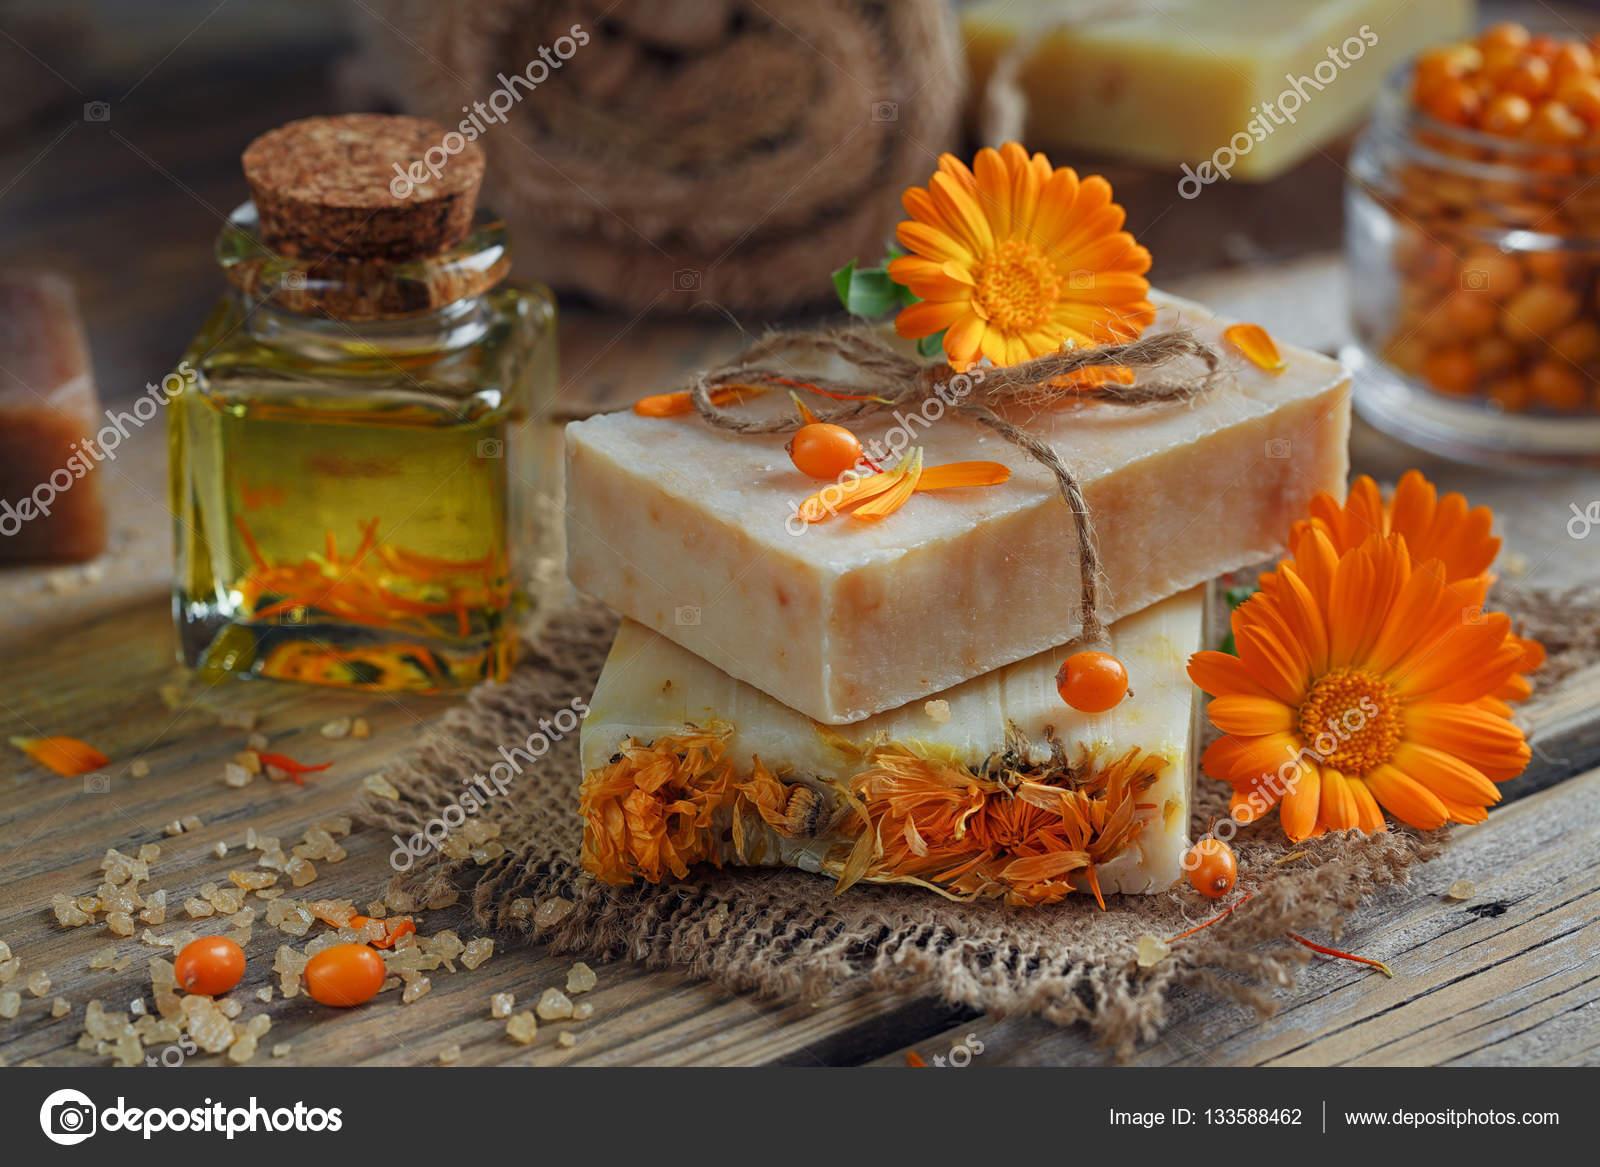 Масло календулы - рецепт приготовление в домашних услвоиях 18